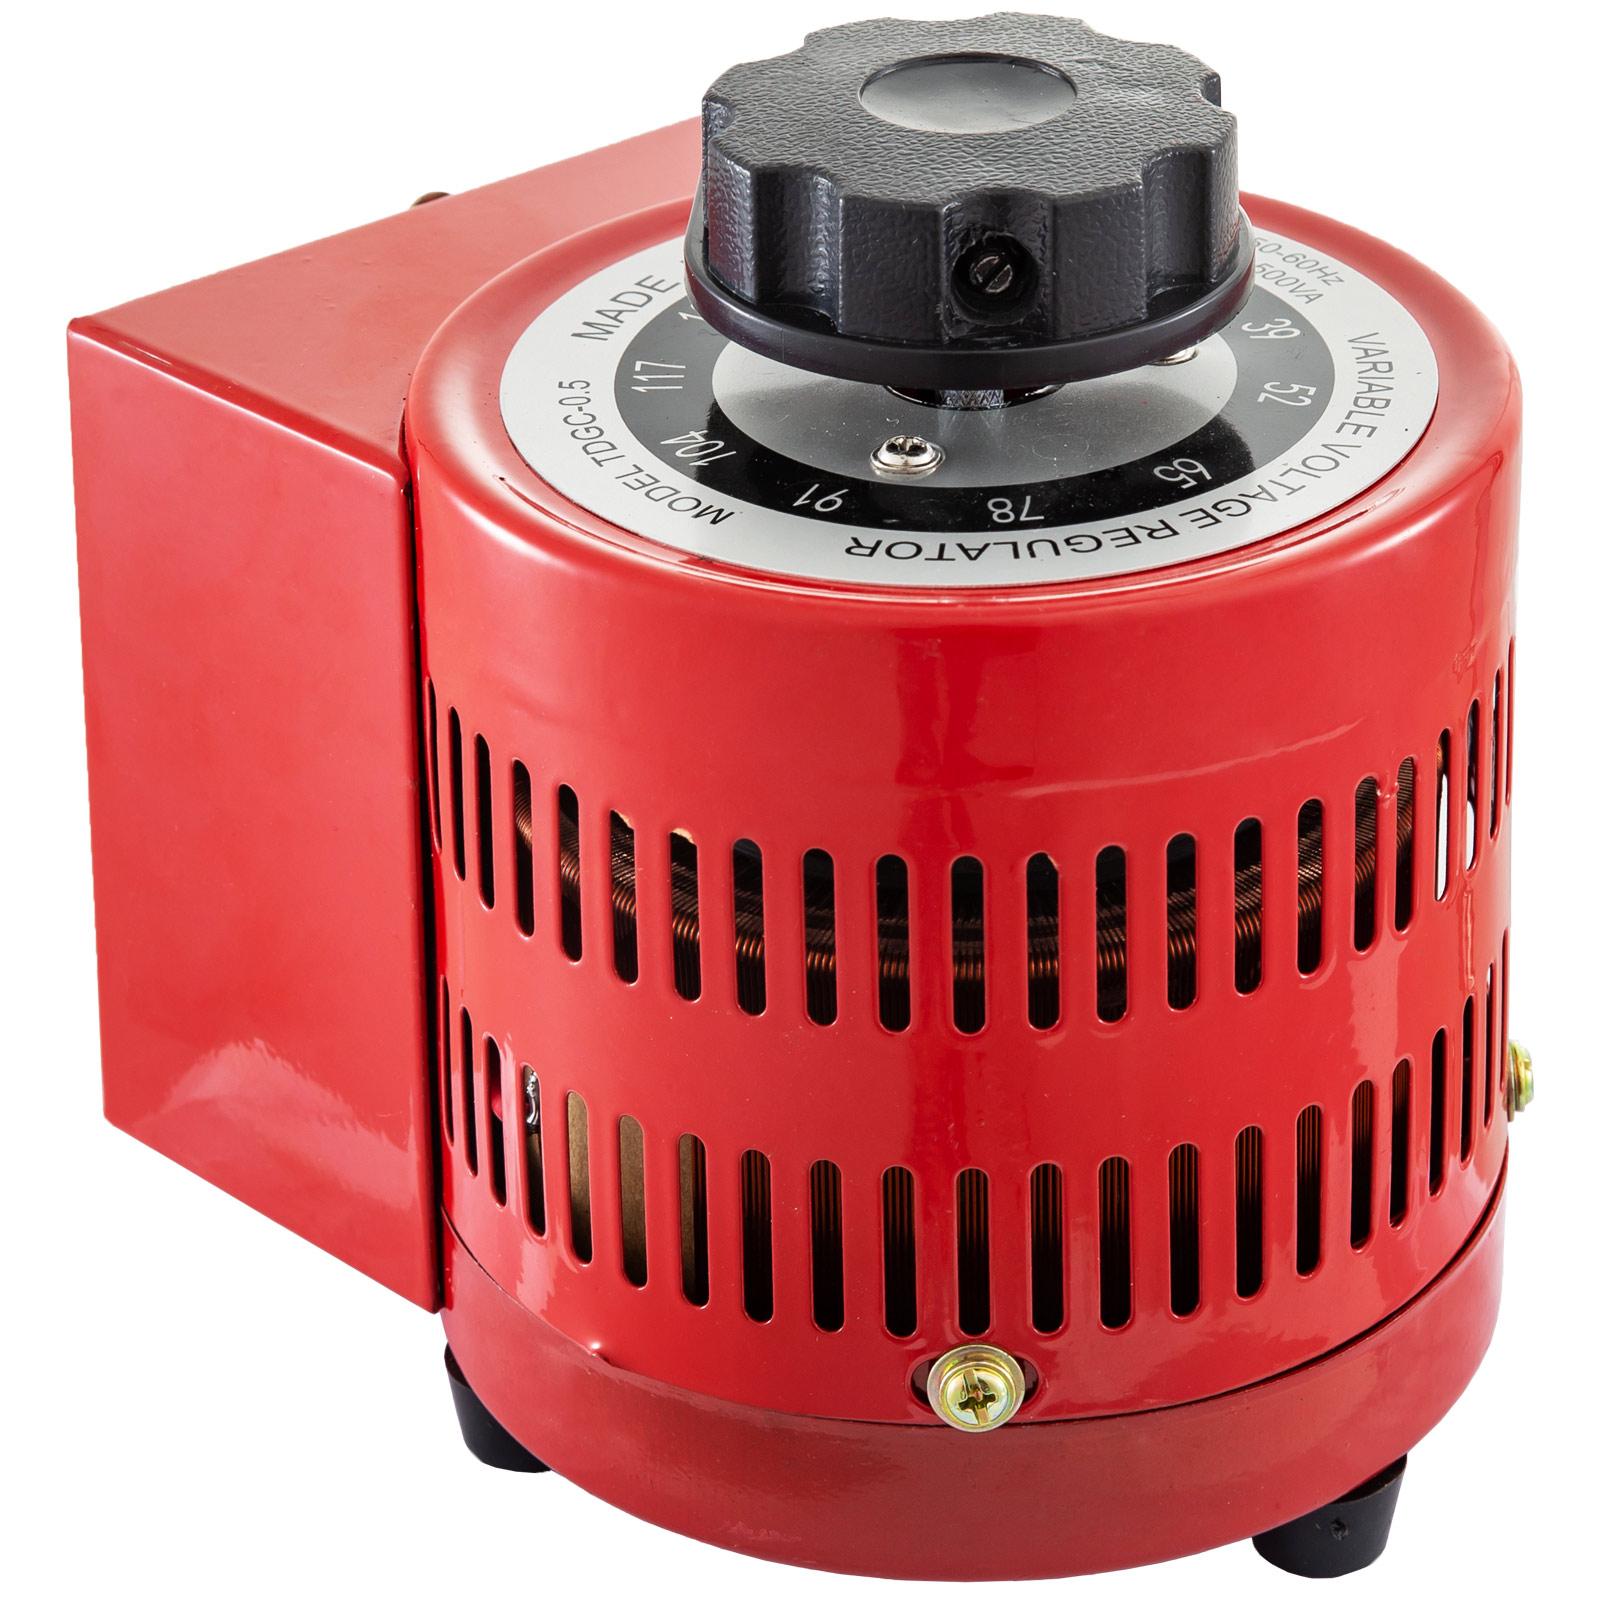 Variac-Variable-Transforme-0-5-1-2-3KVA-LCD-Single-Phase-Digital-Display-0-130V thumbnail 22